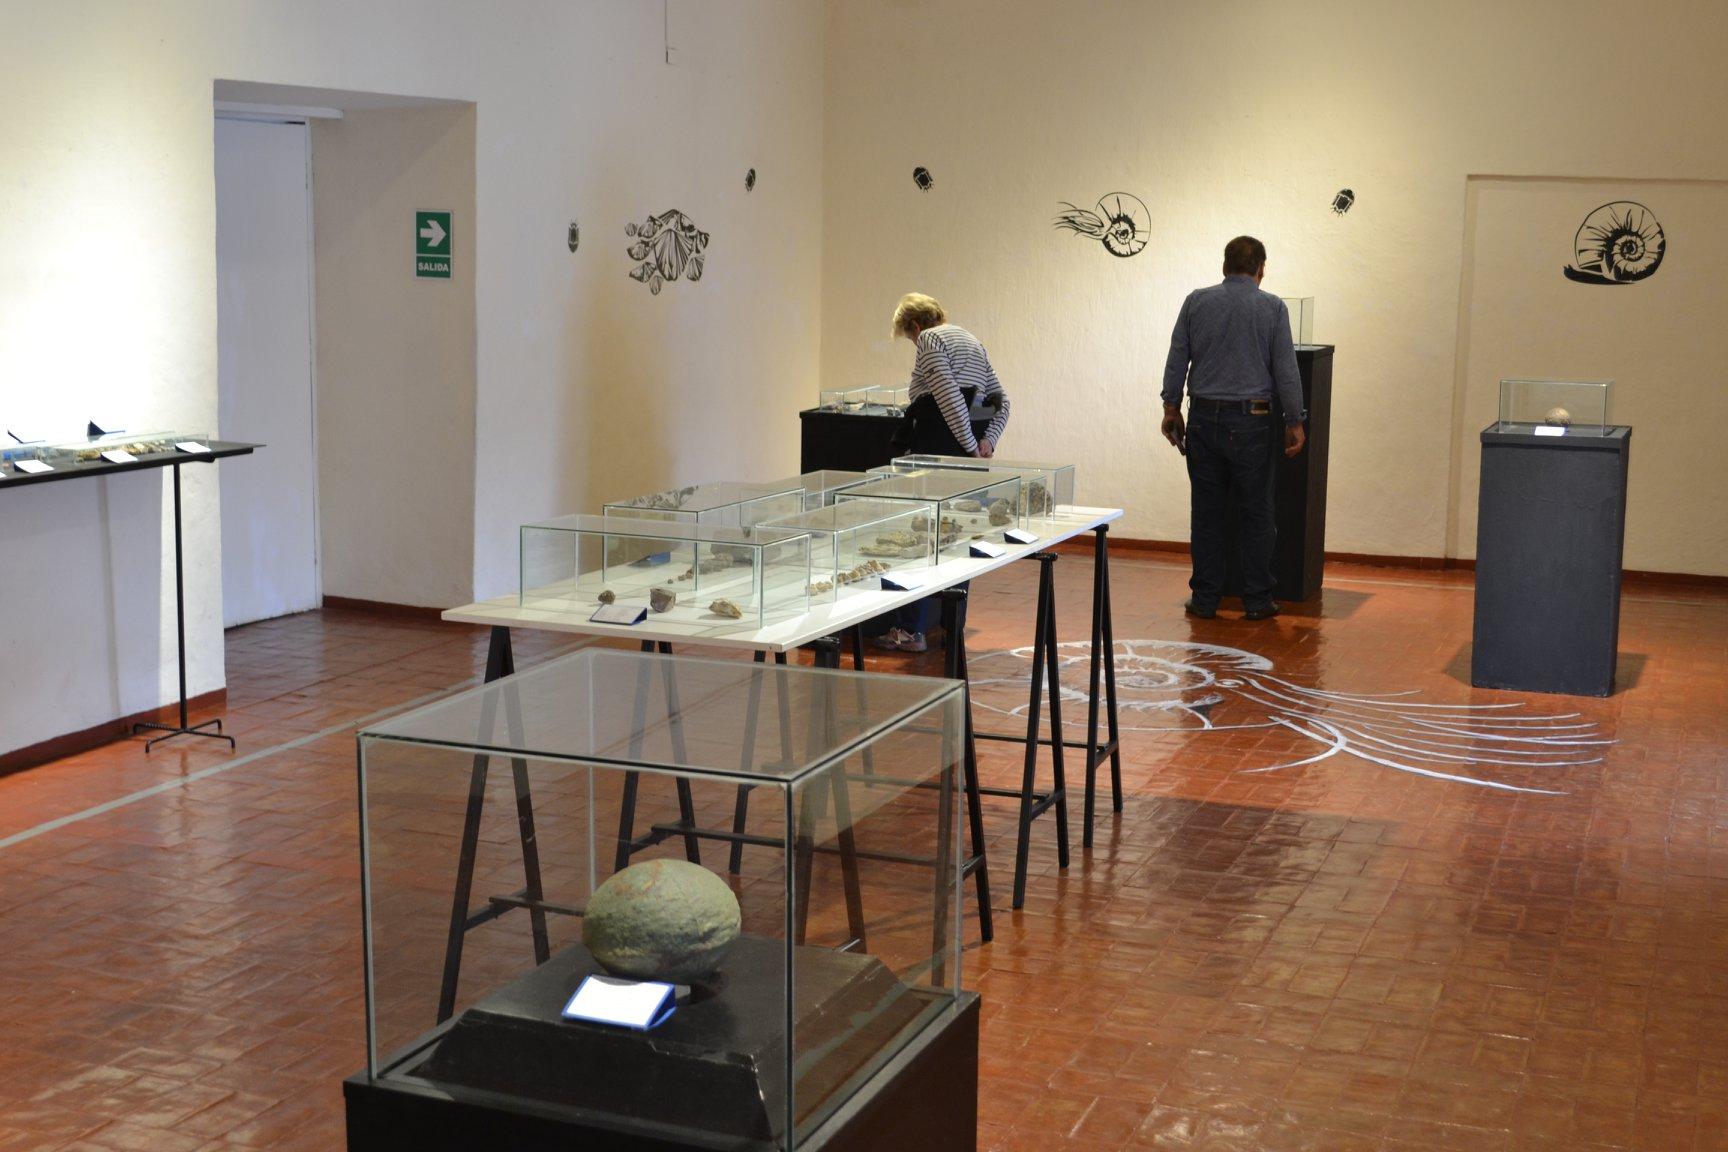 Piezas paleontológicas se exponen en el primer piso de este bonito museo. (Foto: Facebook Museo Histórico Regional Casa del Inca Garcilaso de la Vega)